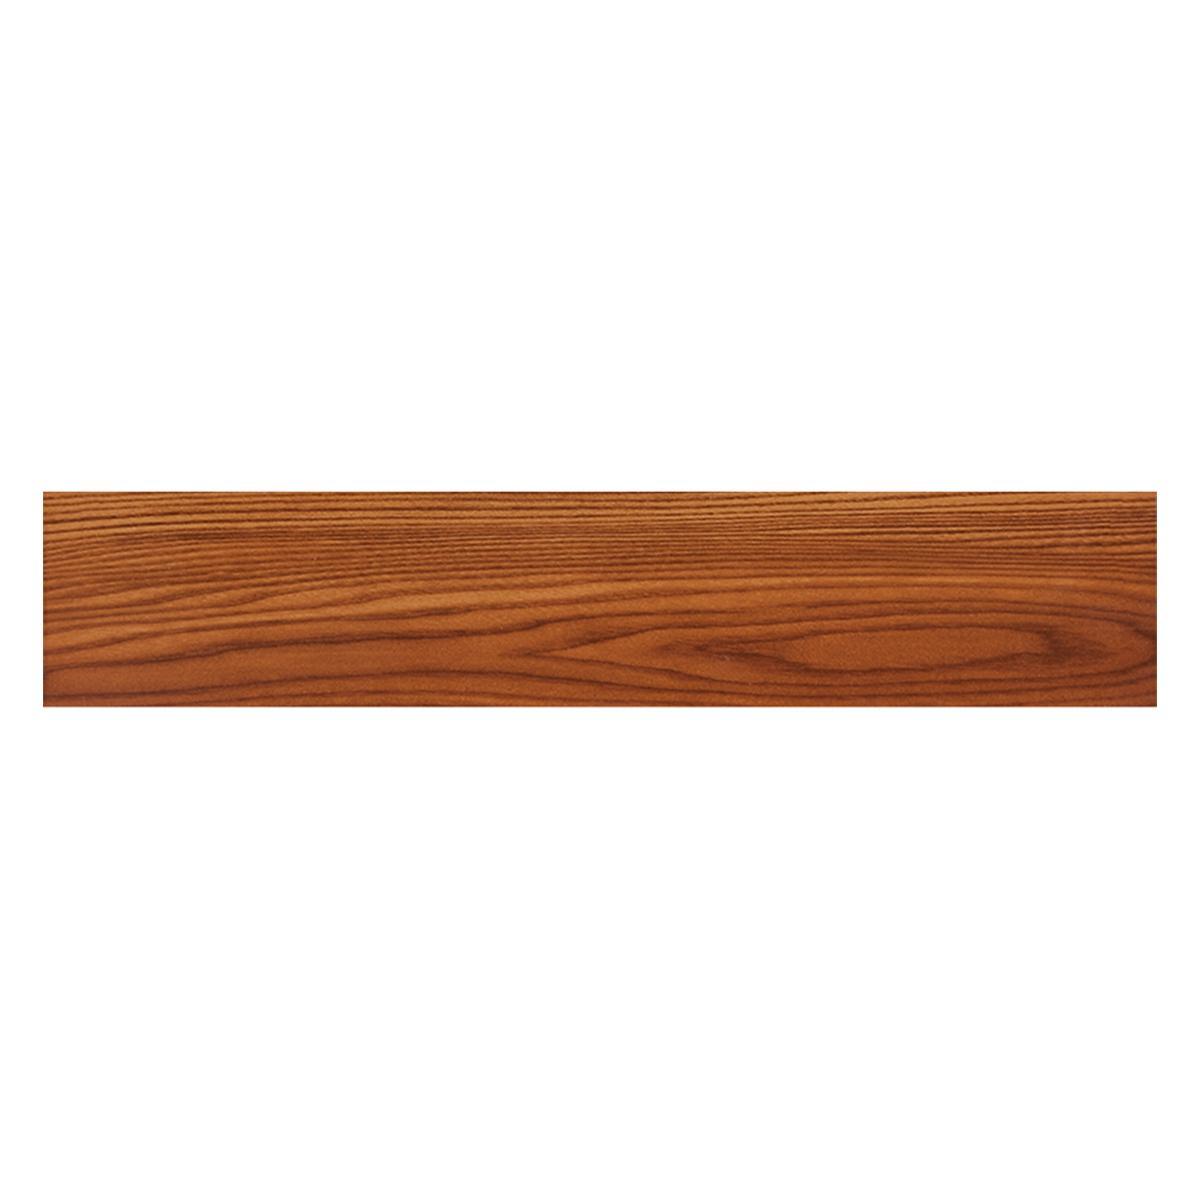 Zócalo Natura Caramelo Brillante - 8.7X45 cm - 1 pza